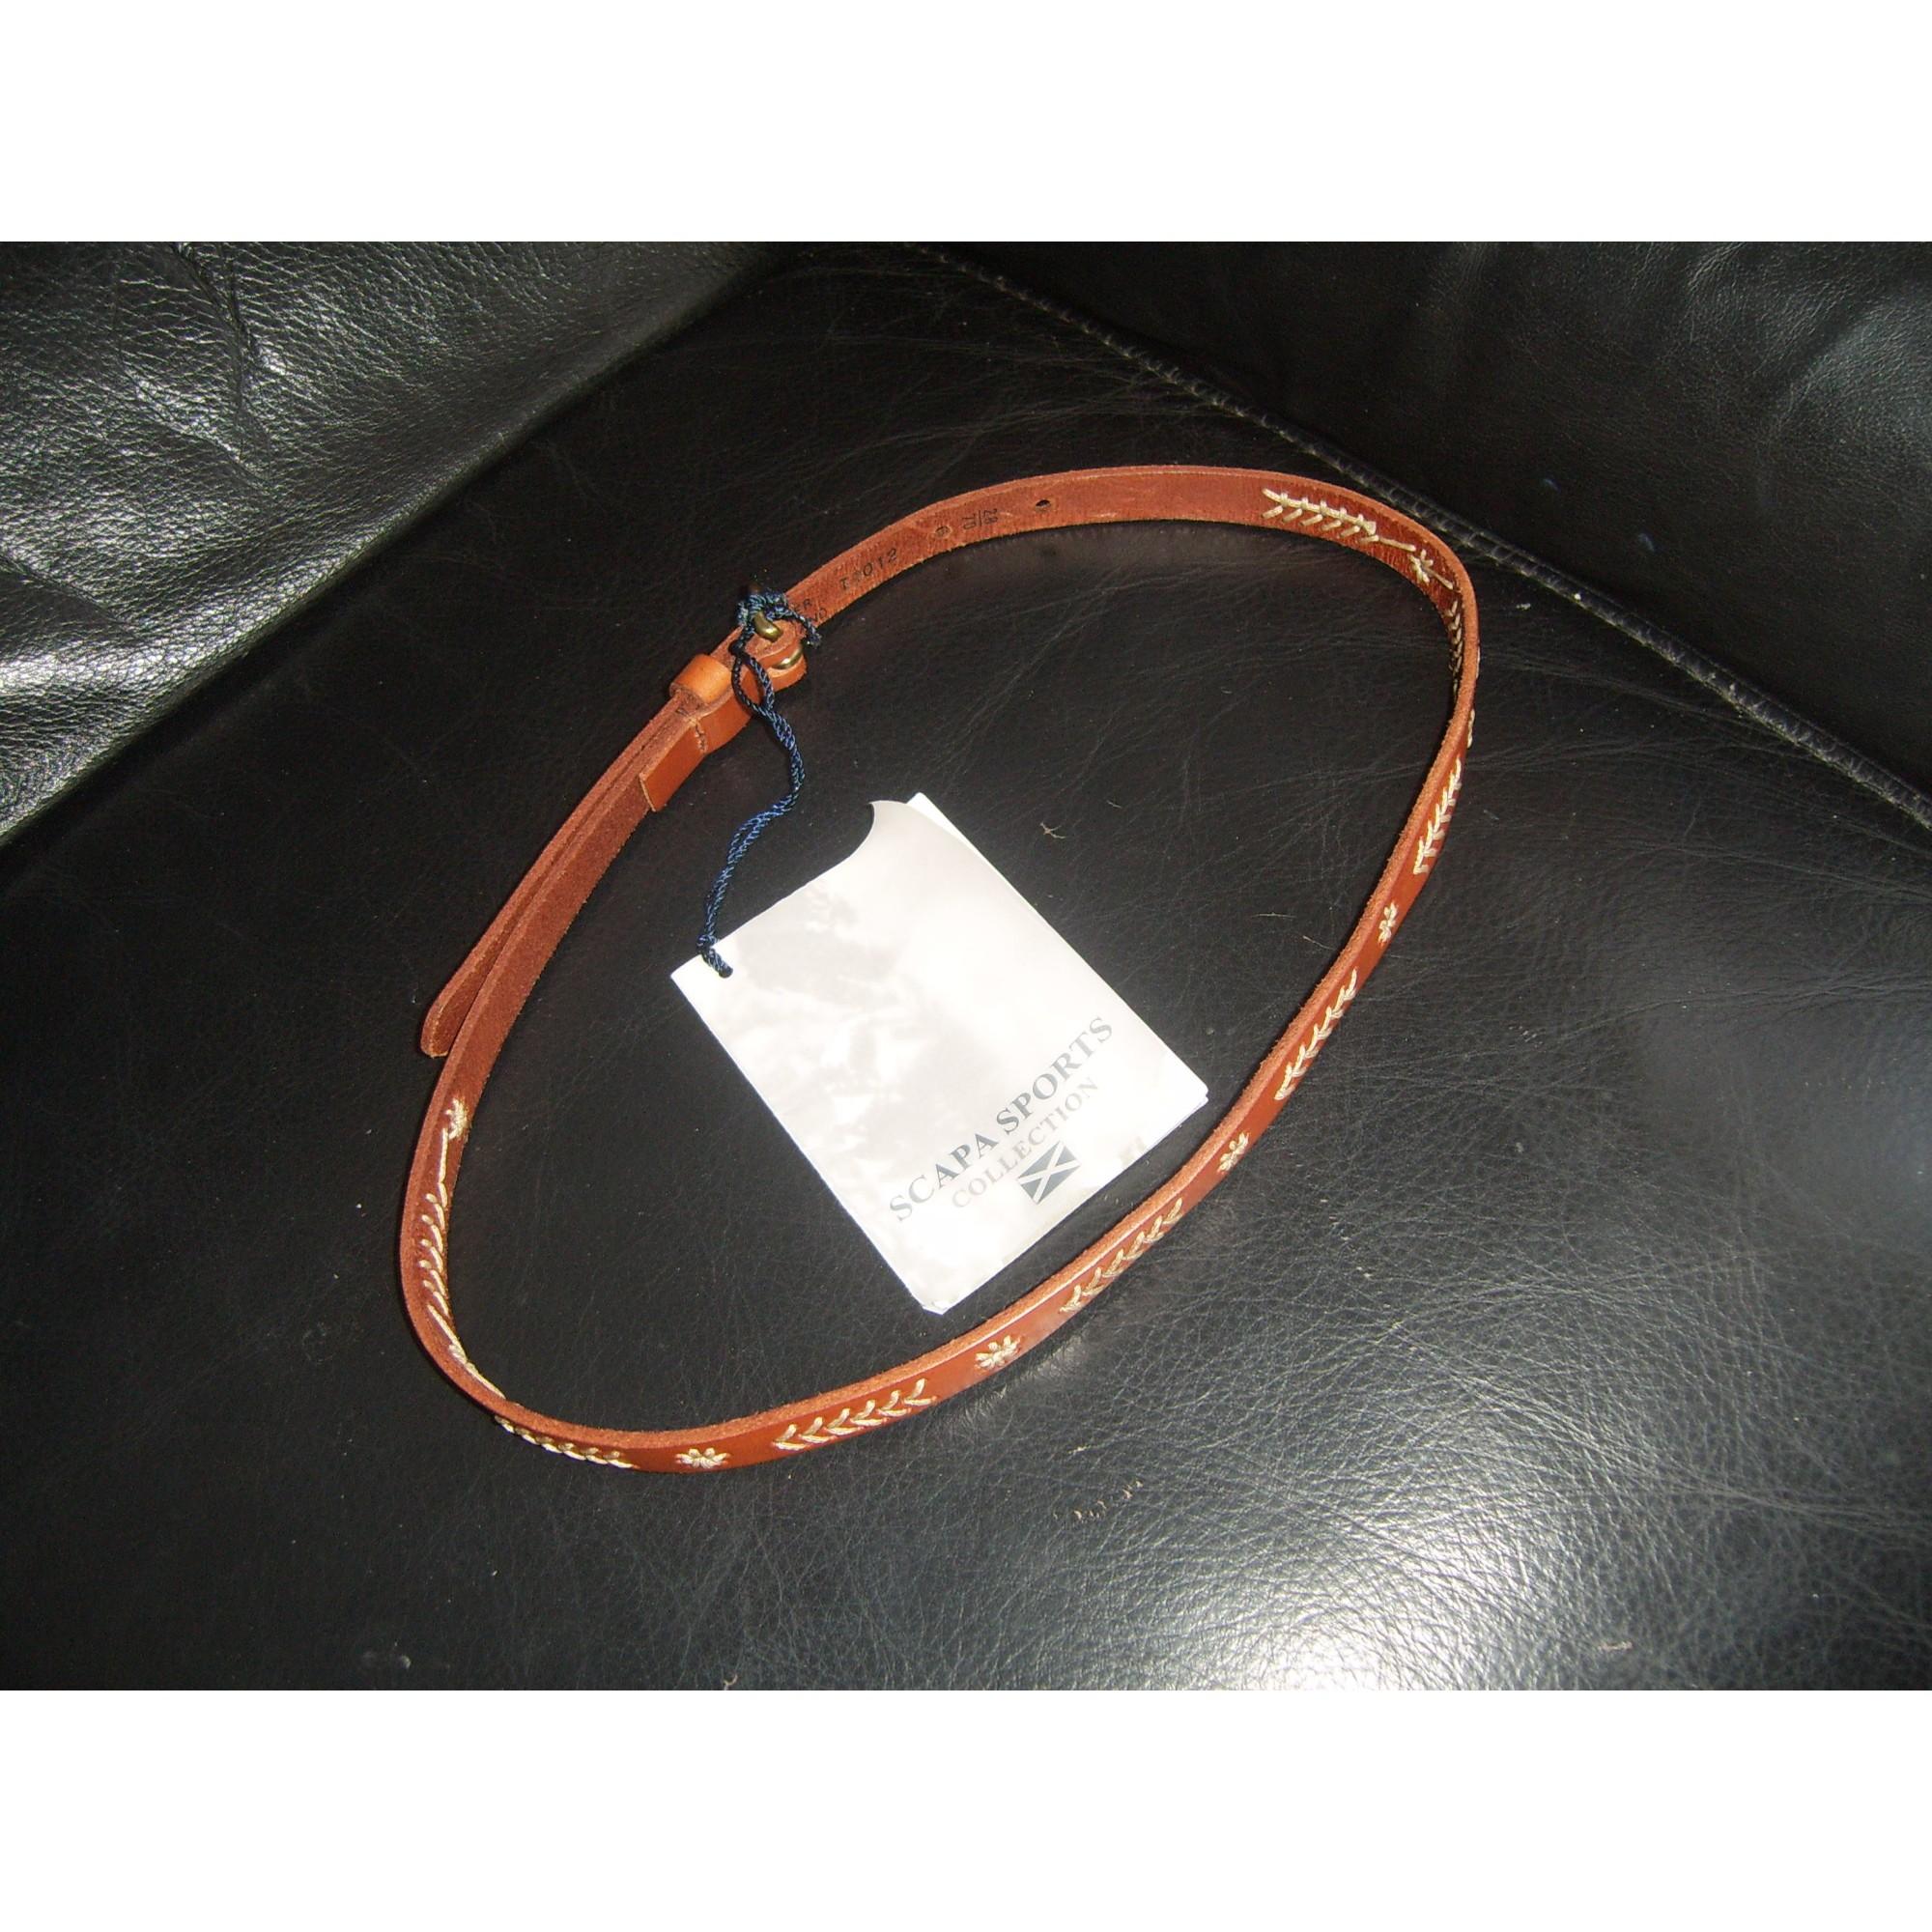 Belt SCAPA SPORT brun fauve